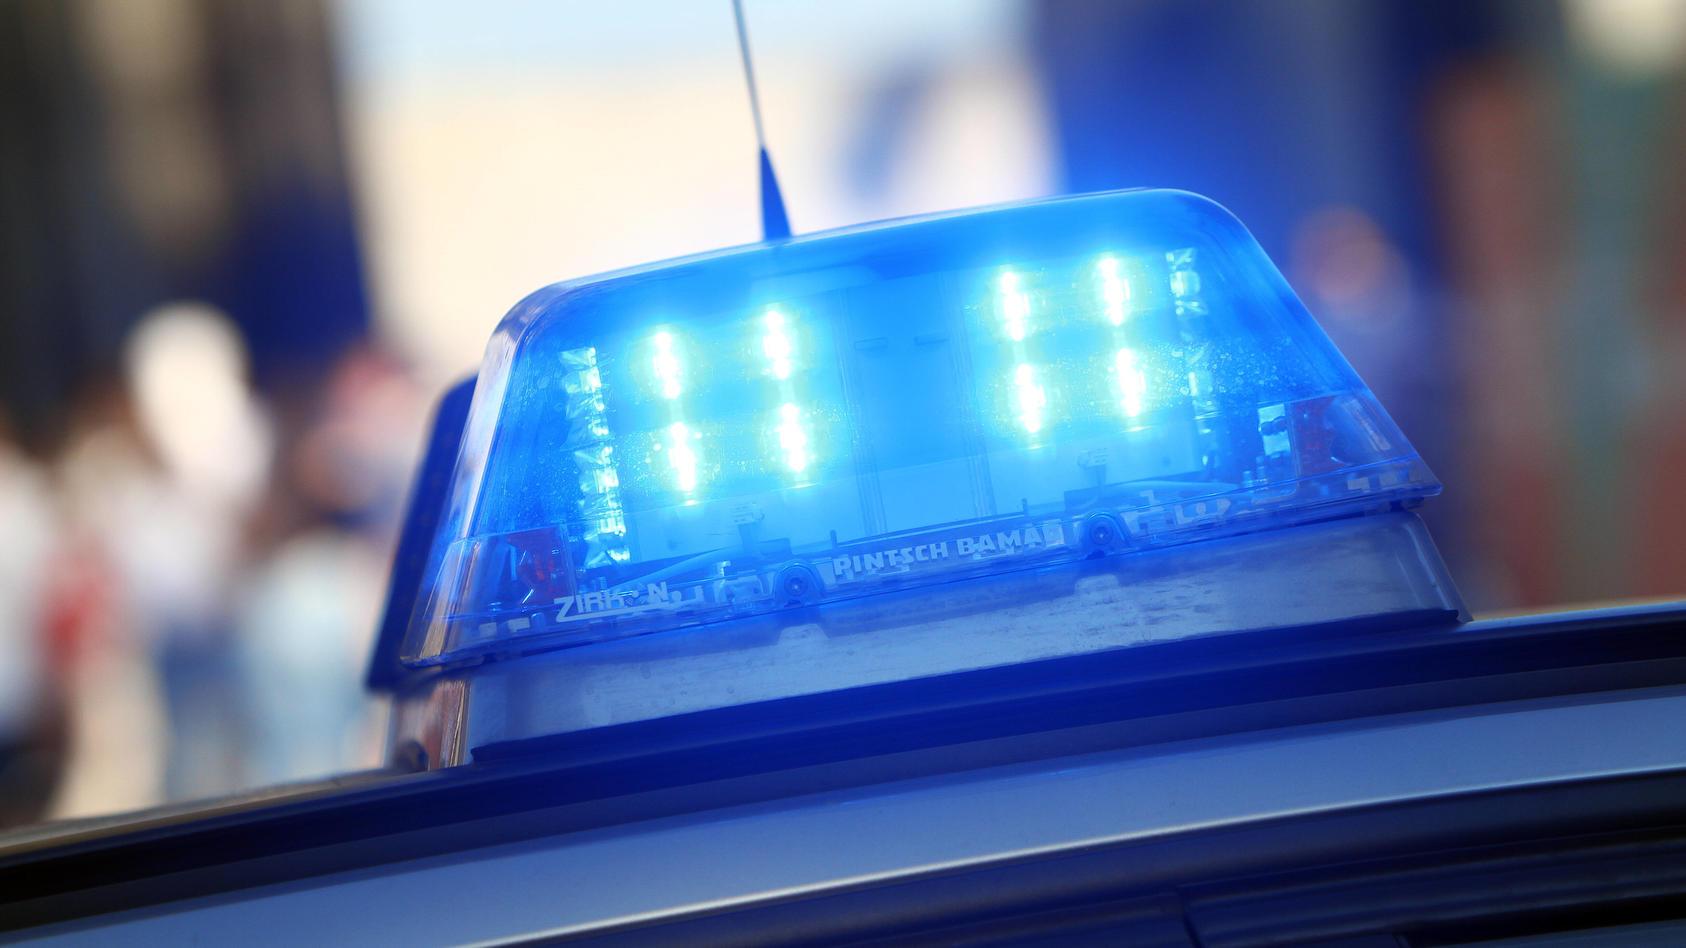 Einsatzwagen der Polizei (Symbolbild)